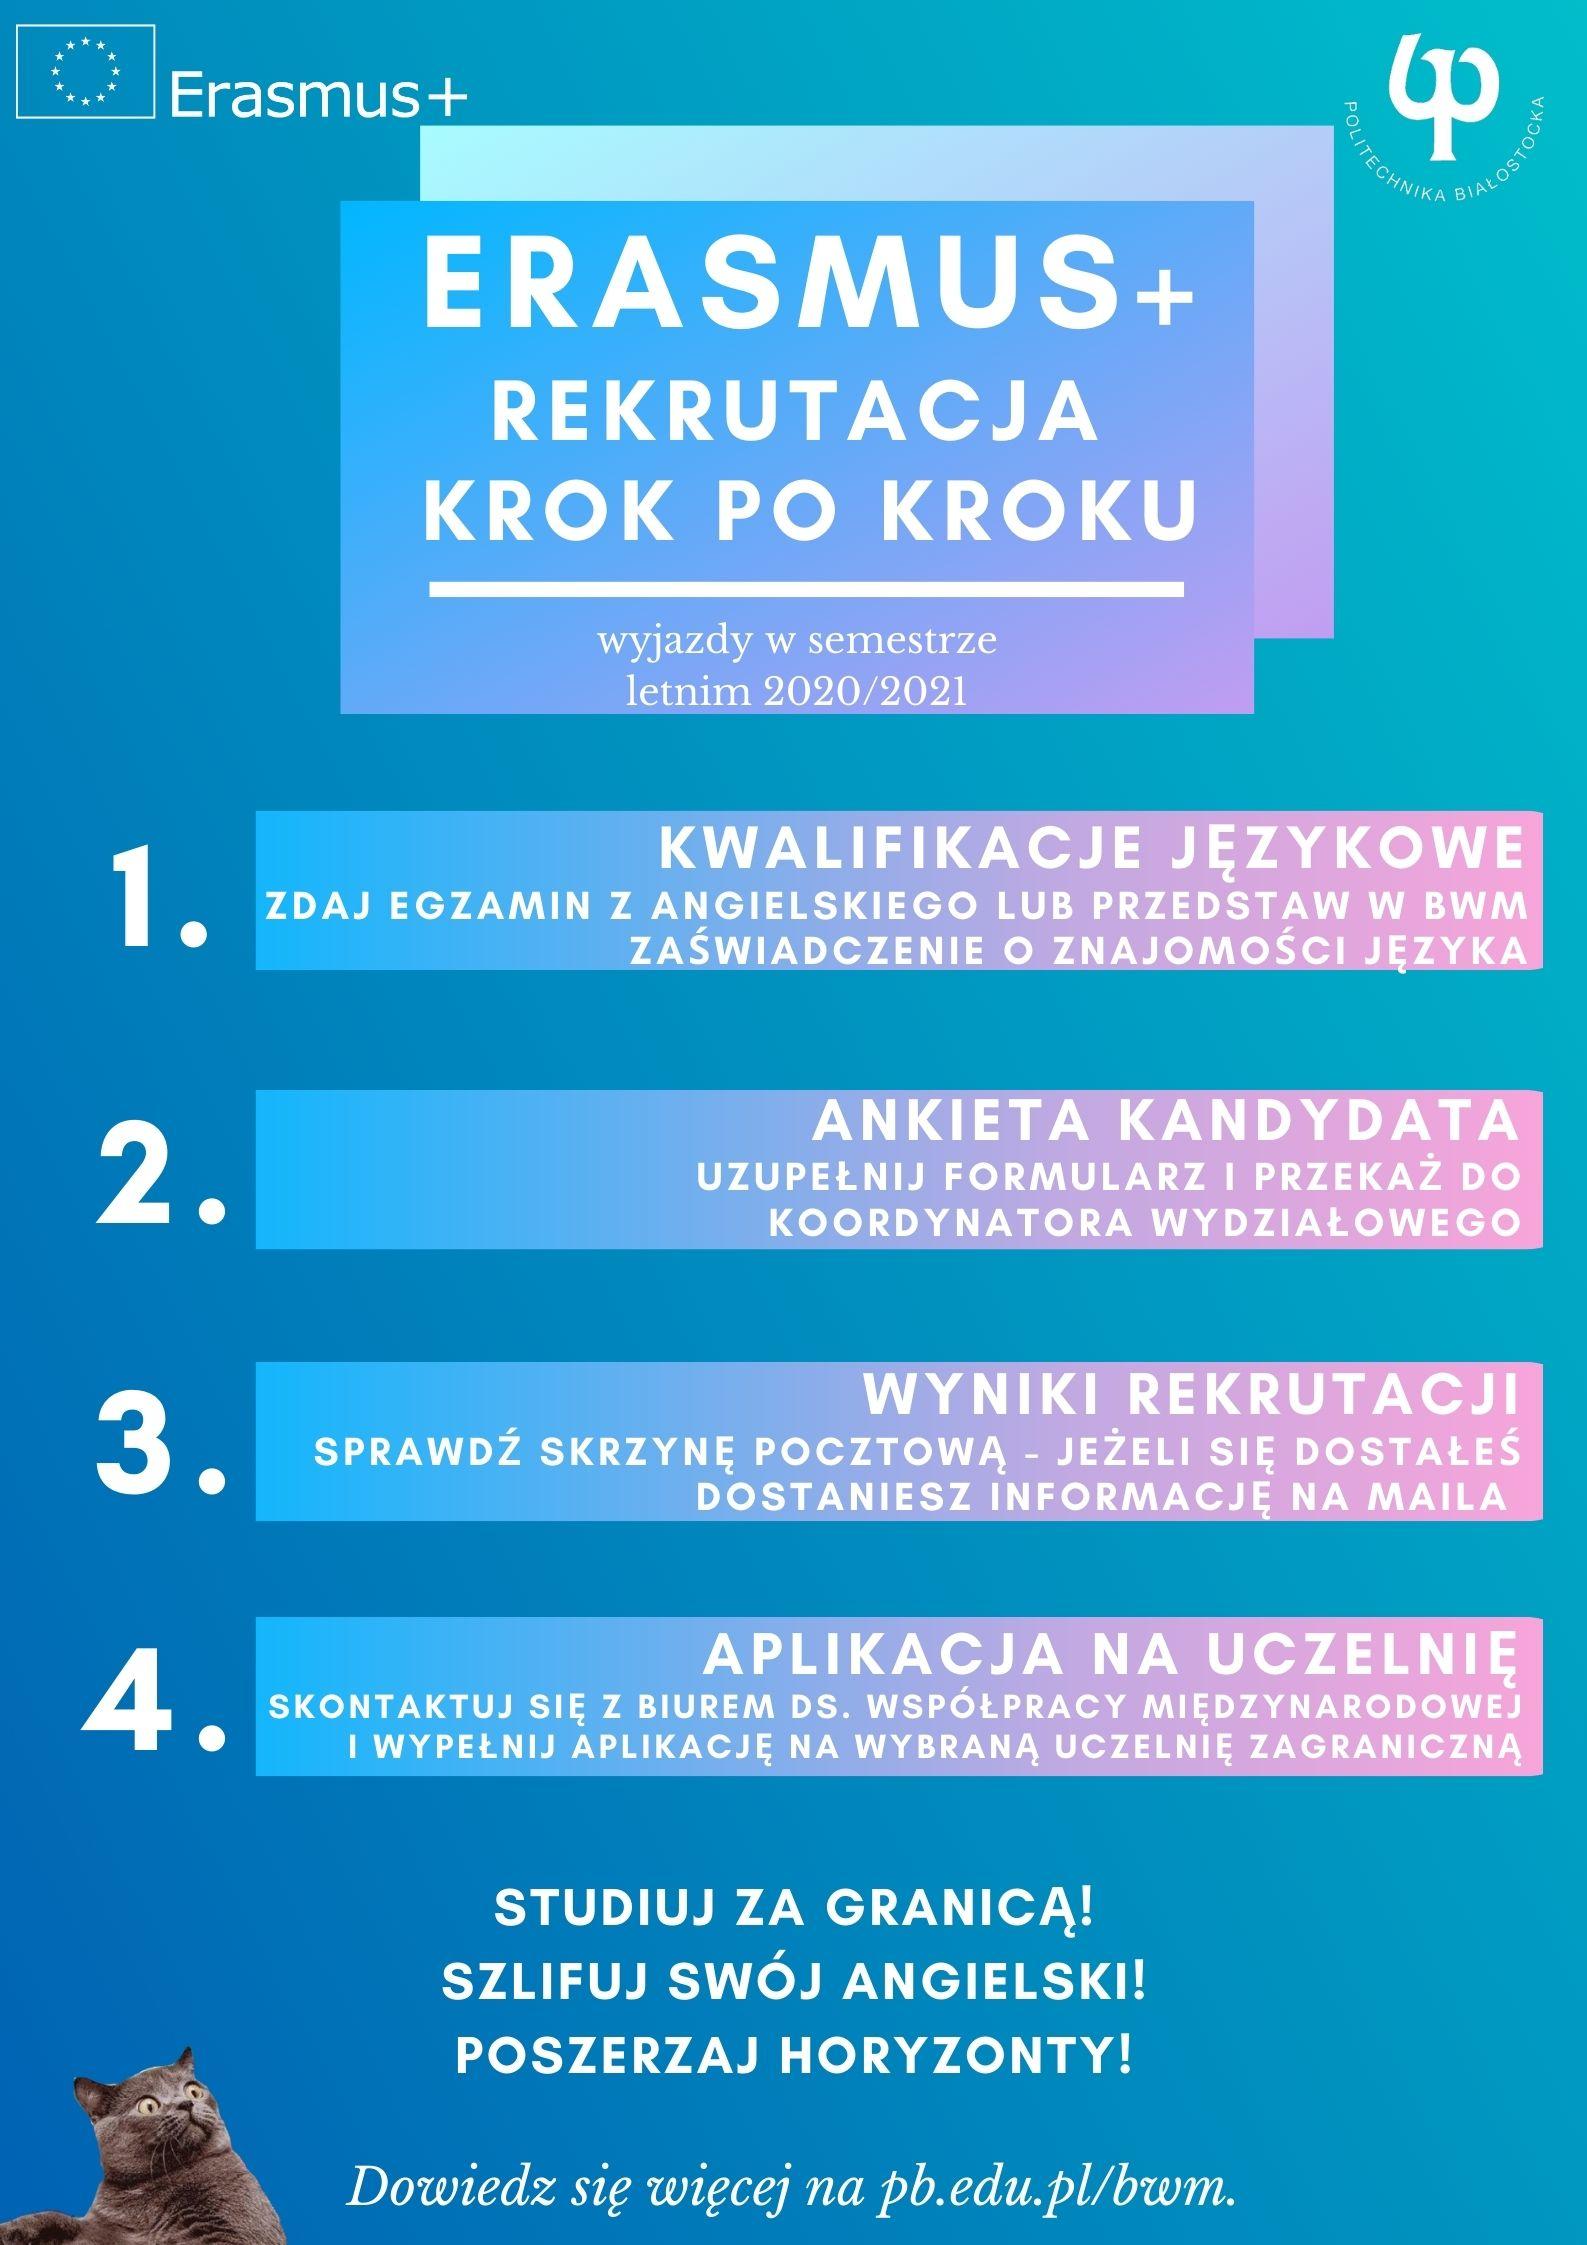 Kroki aplikacji na studia Erasmus+ w sem. letnim 2020/21